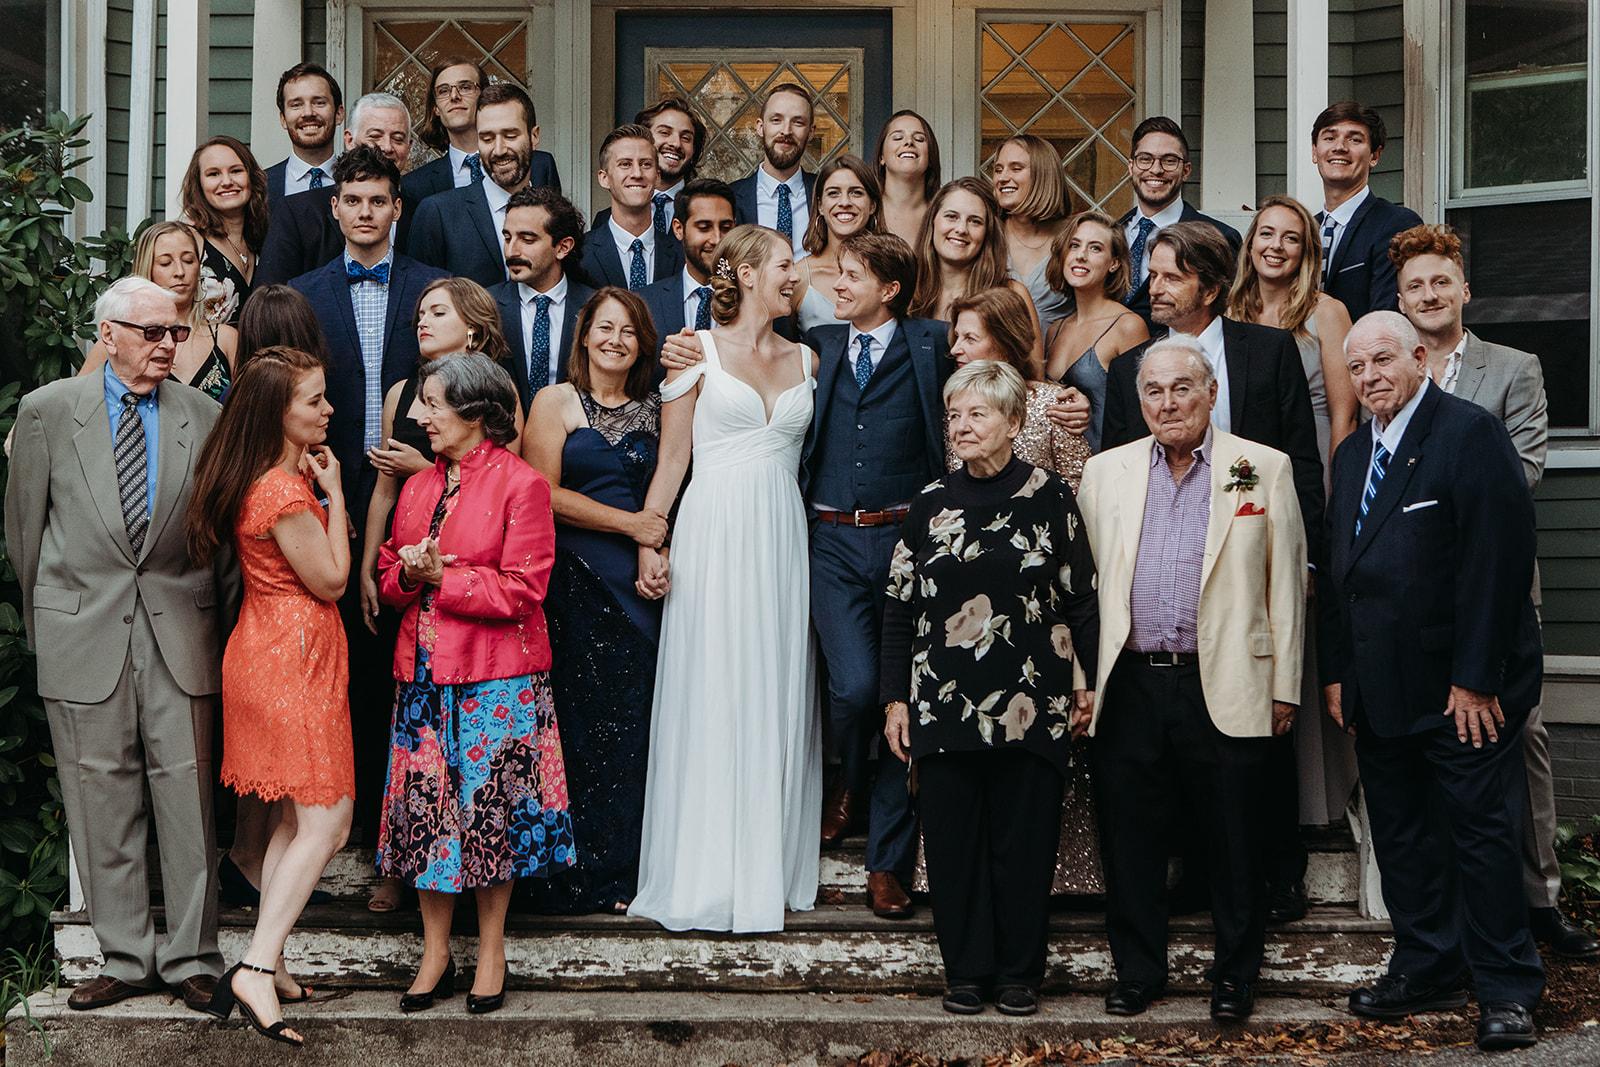 weddingparty-2018163301.jpg